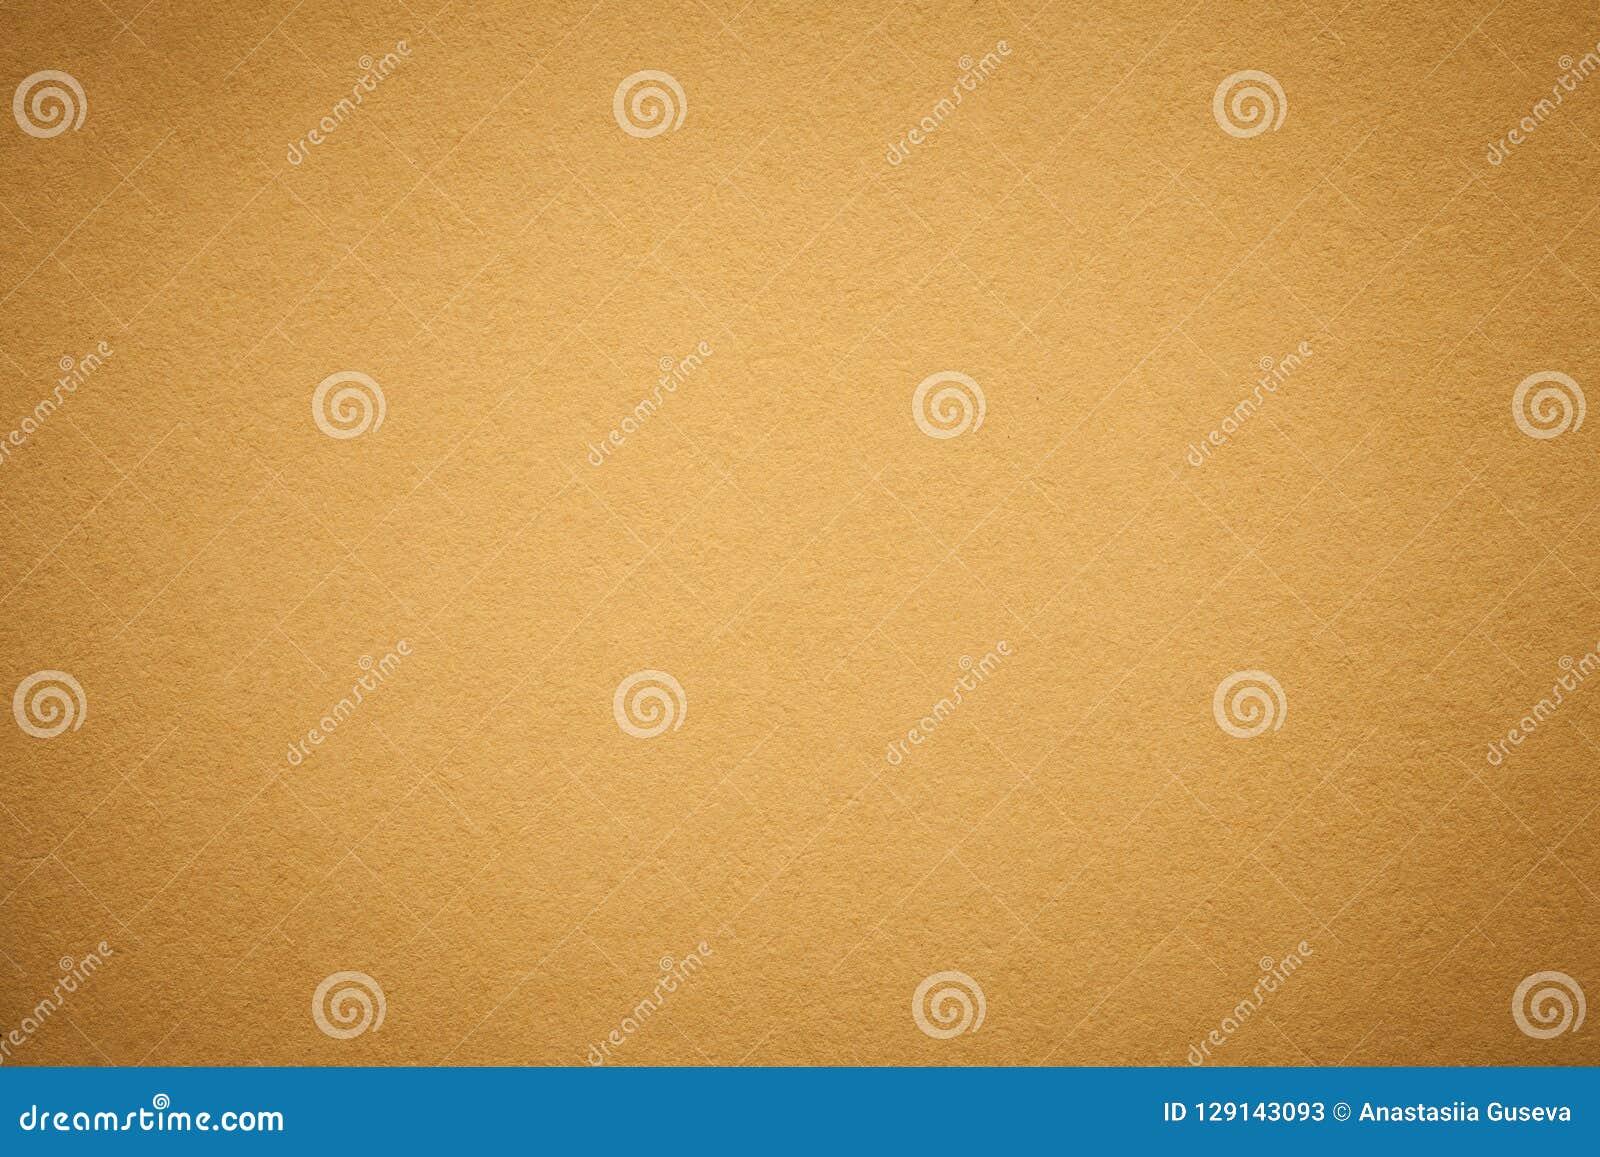 Textur av gammal guld- pappers- bakgrund, closeup Struktur av tätt ljus - orange papp